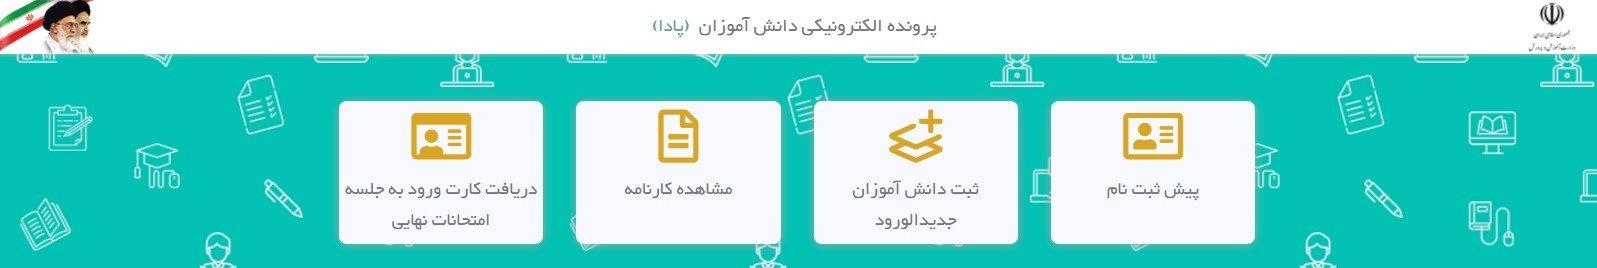 سایت پادا یا سایت پرونده الکترونیکی دانش آموزی در یک نگاه